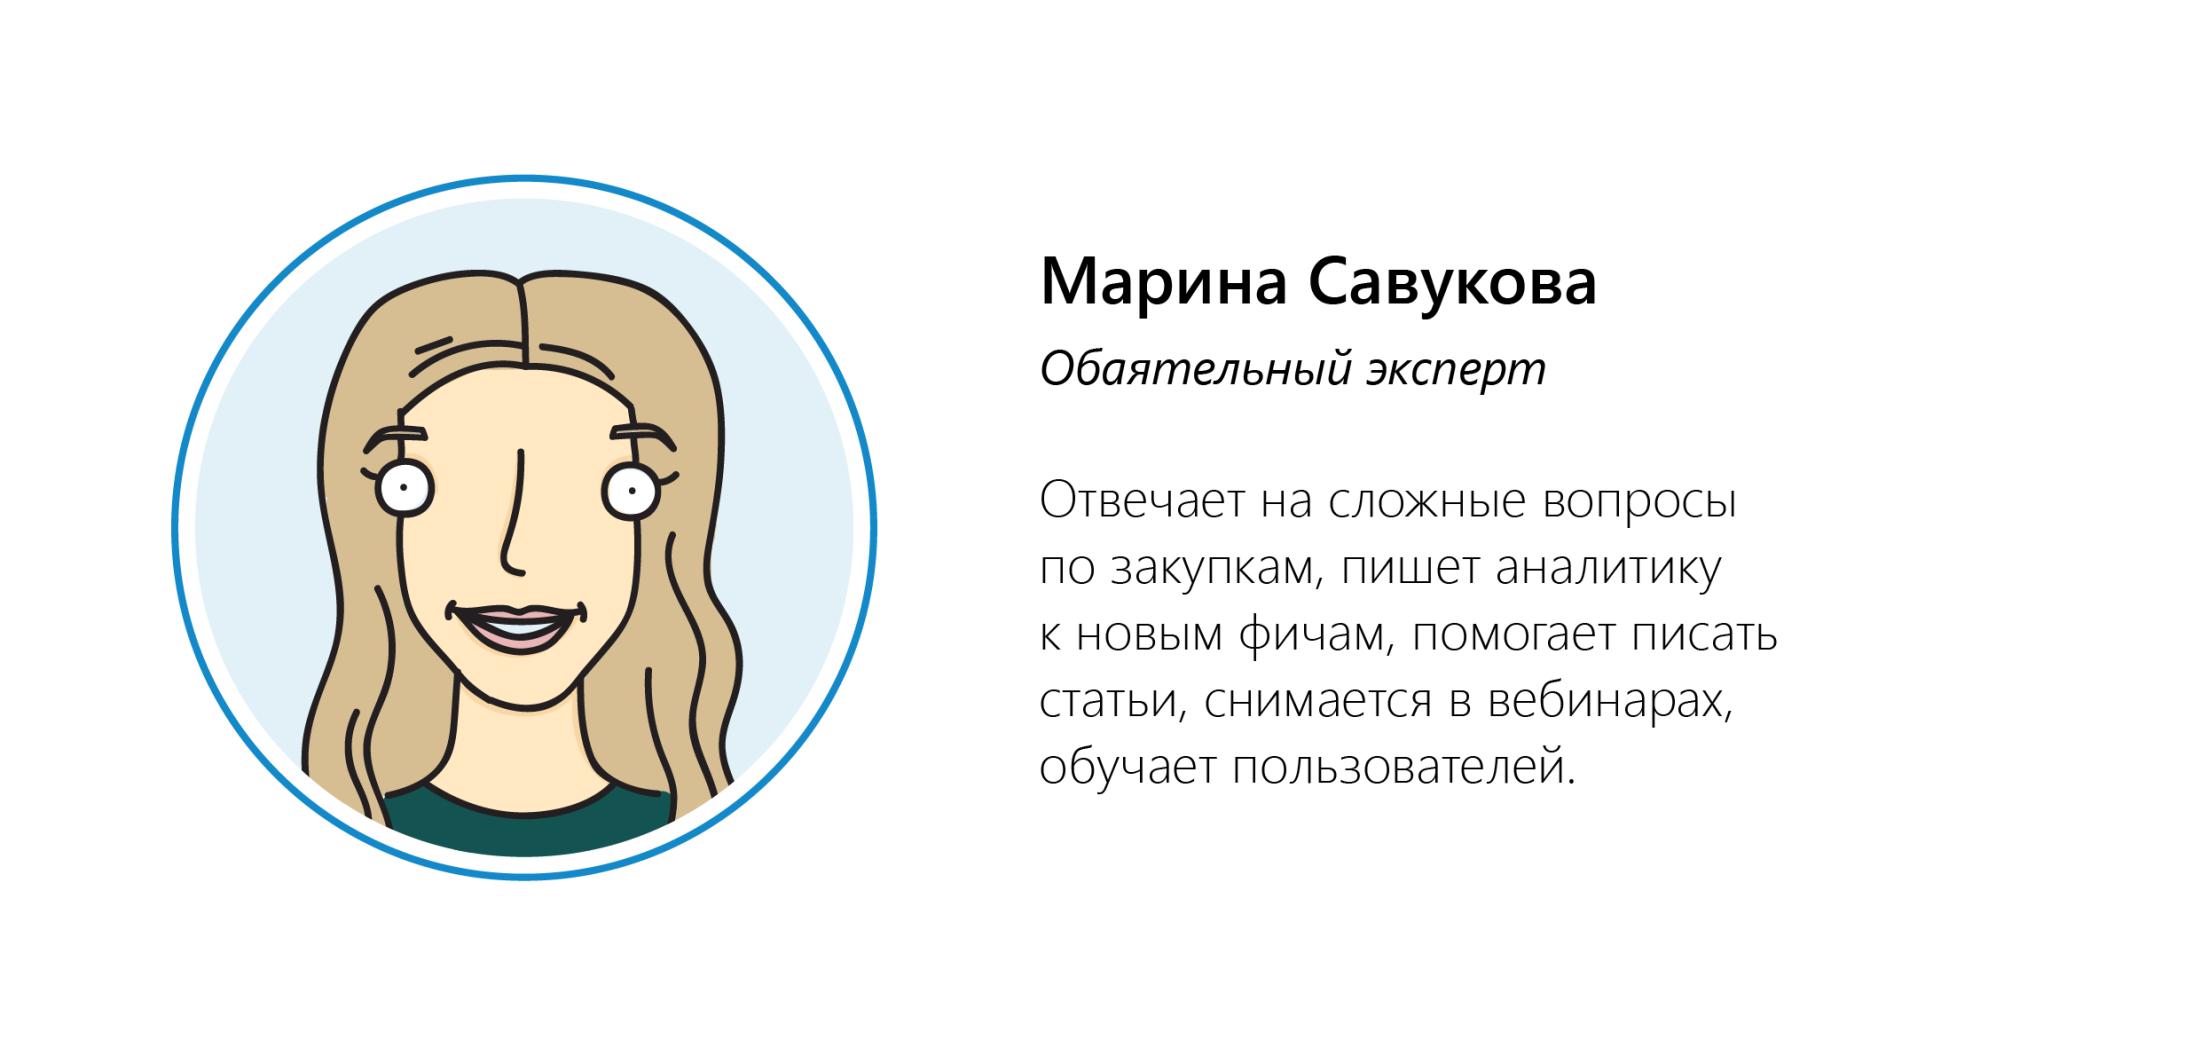 Марина Савукова